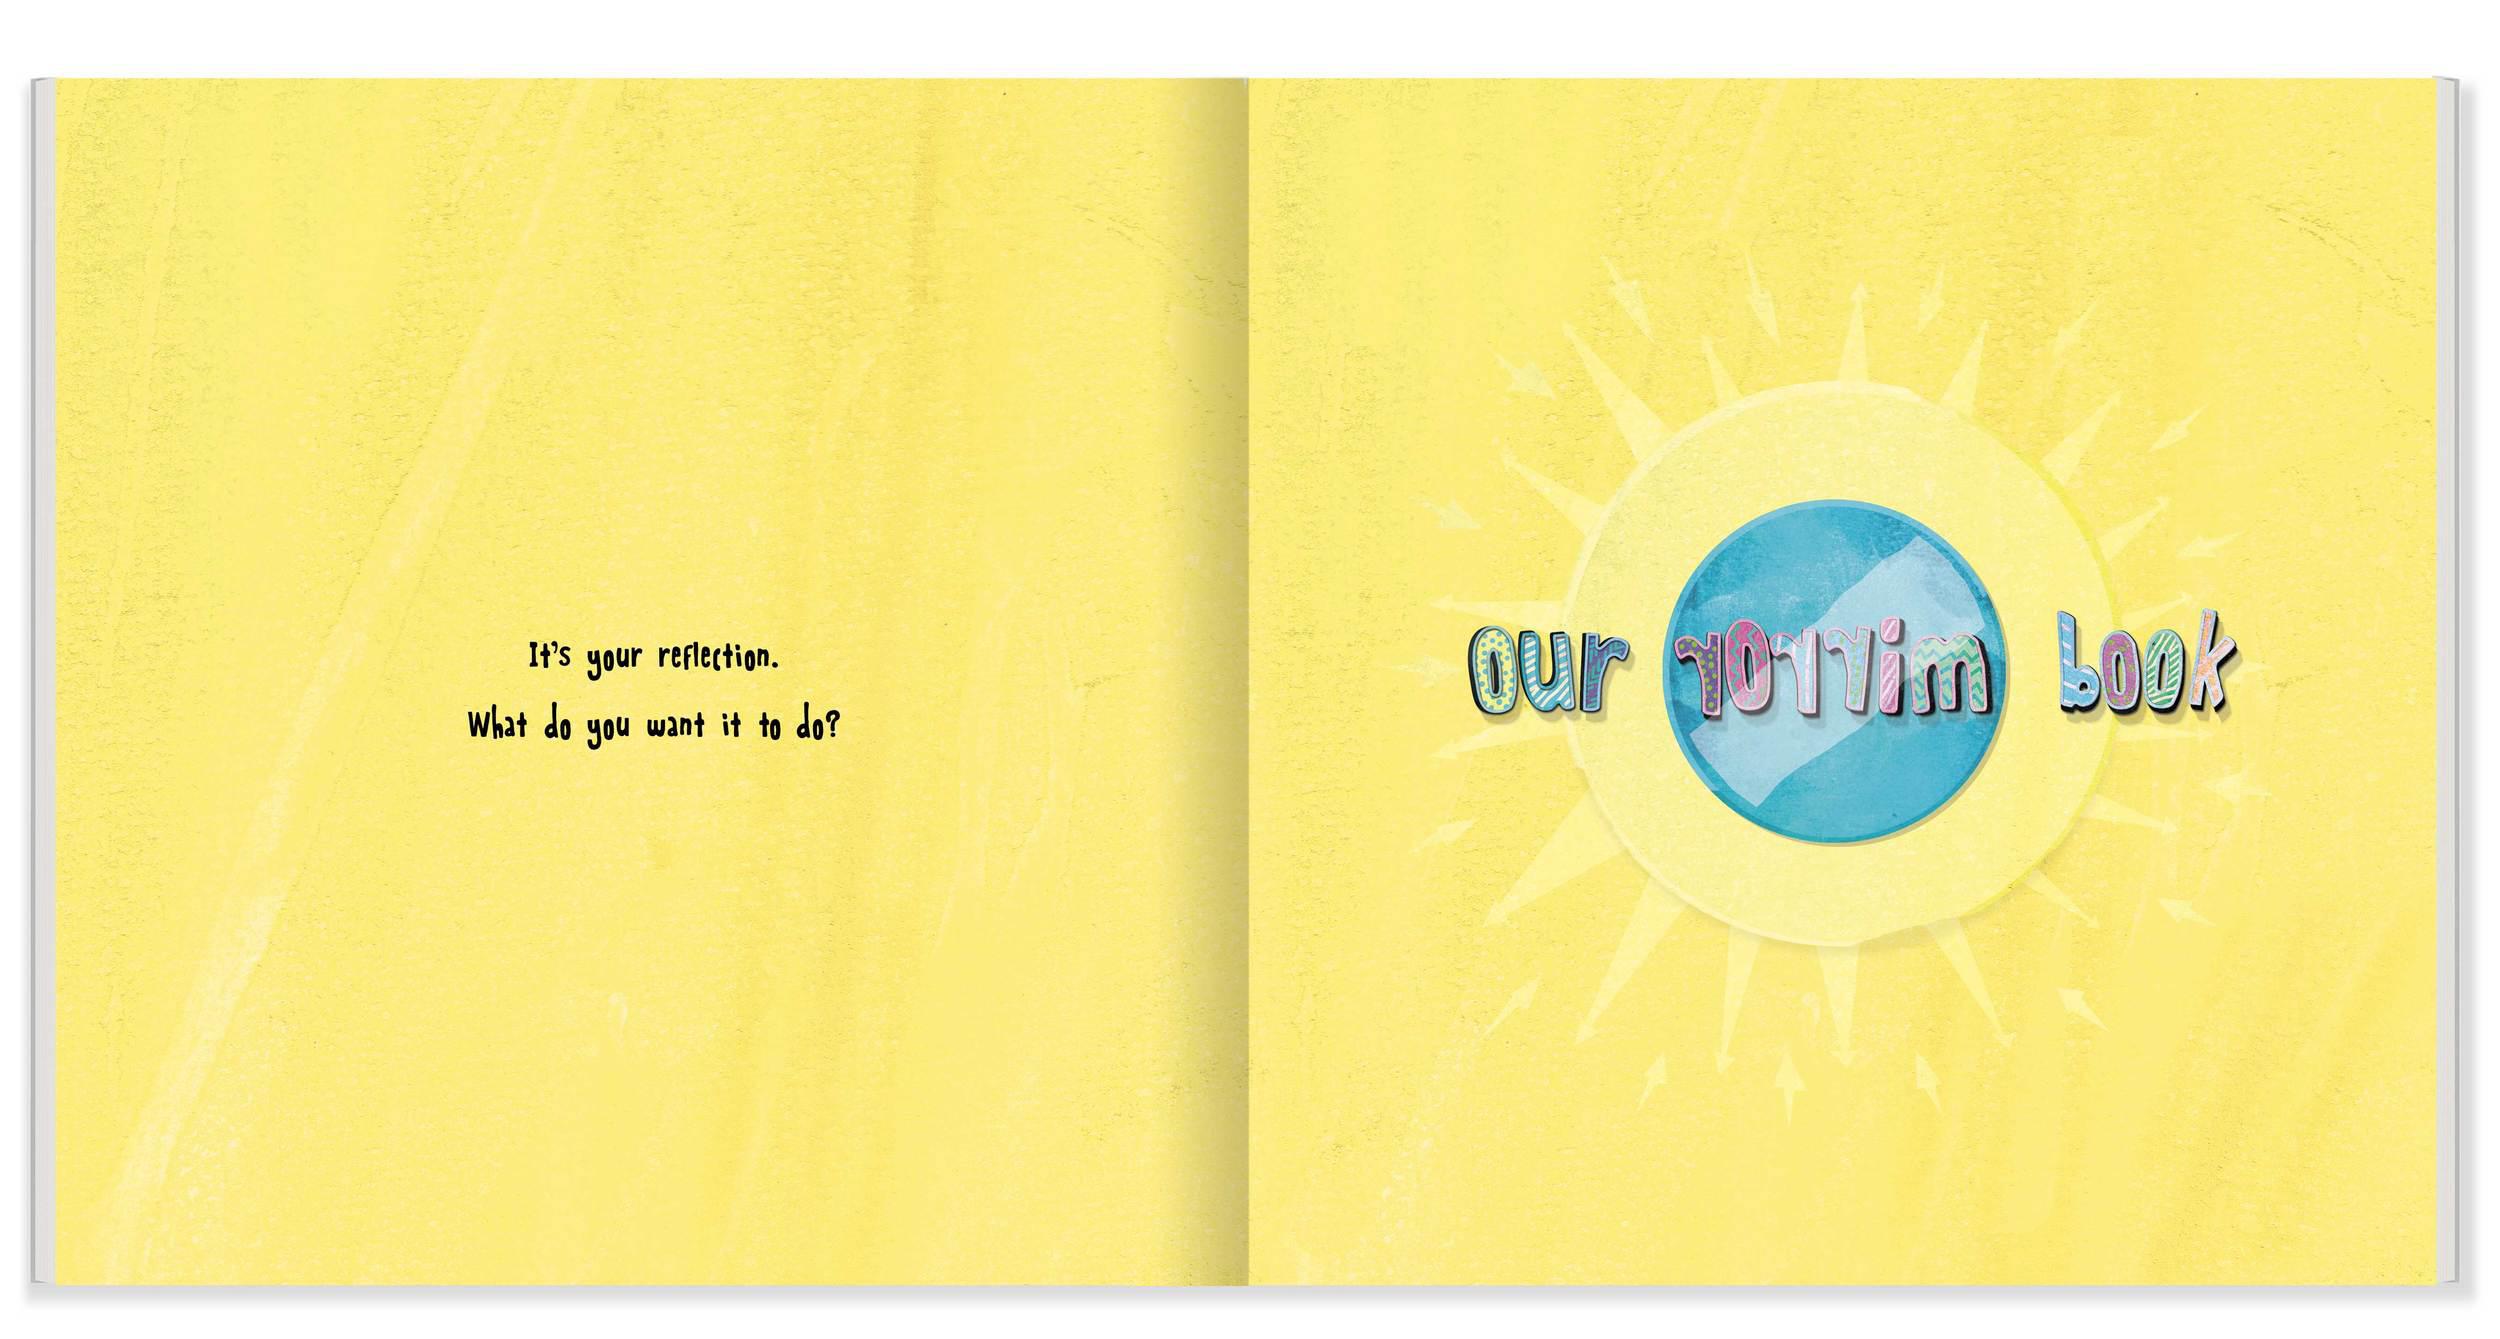 alex_wallman_our_mirror_book.jpg